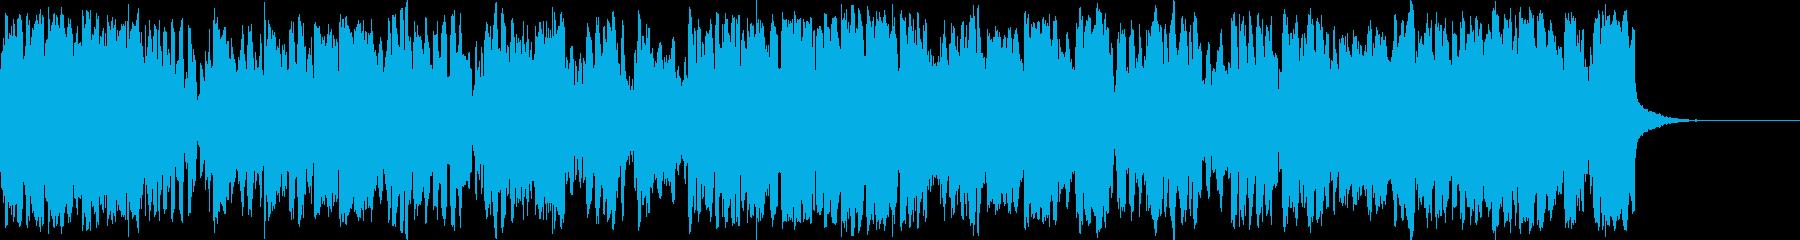 ゴールドベルグ変奏曲木管トリオバージョンの再生済みの波形